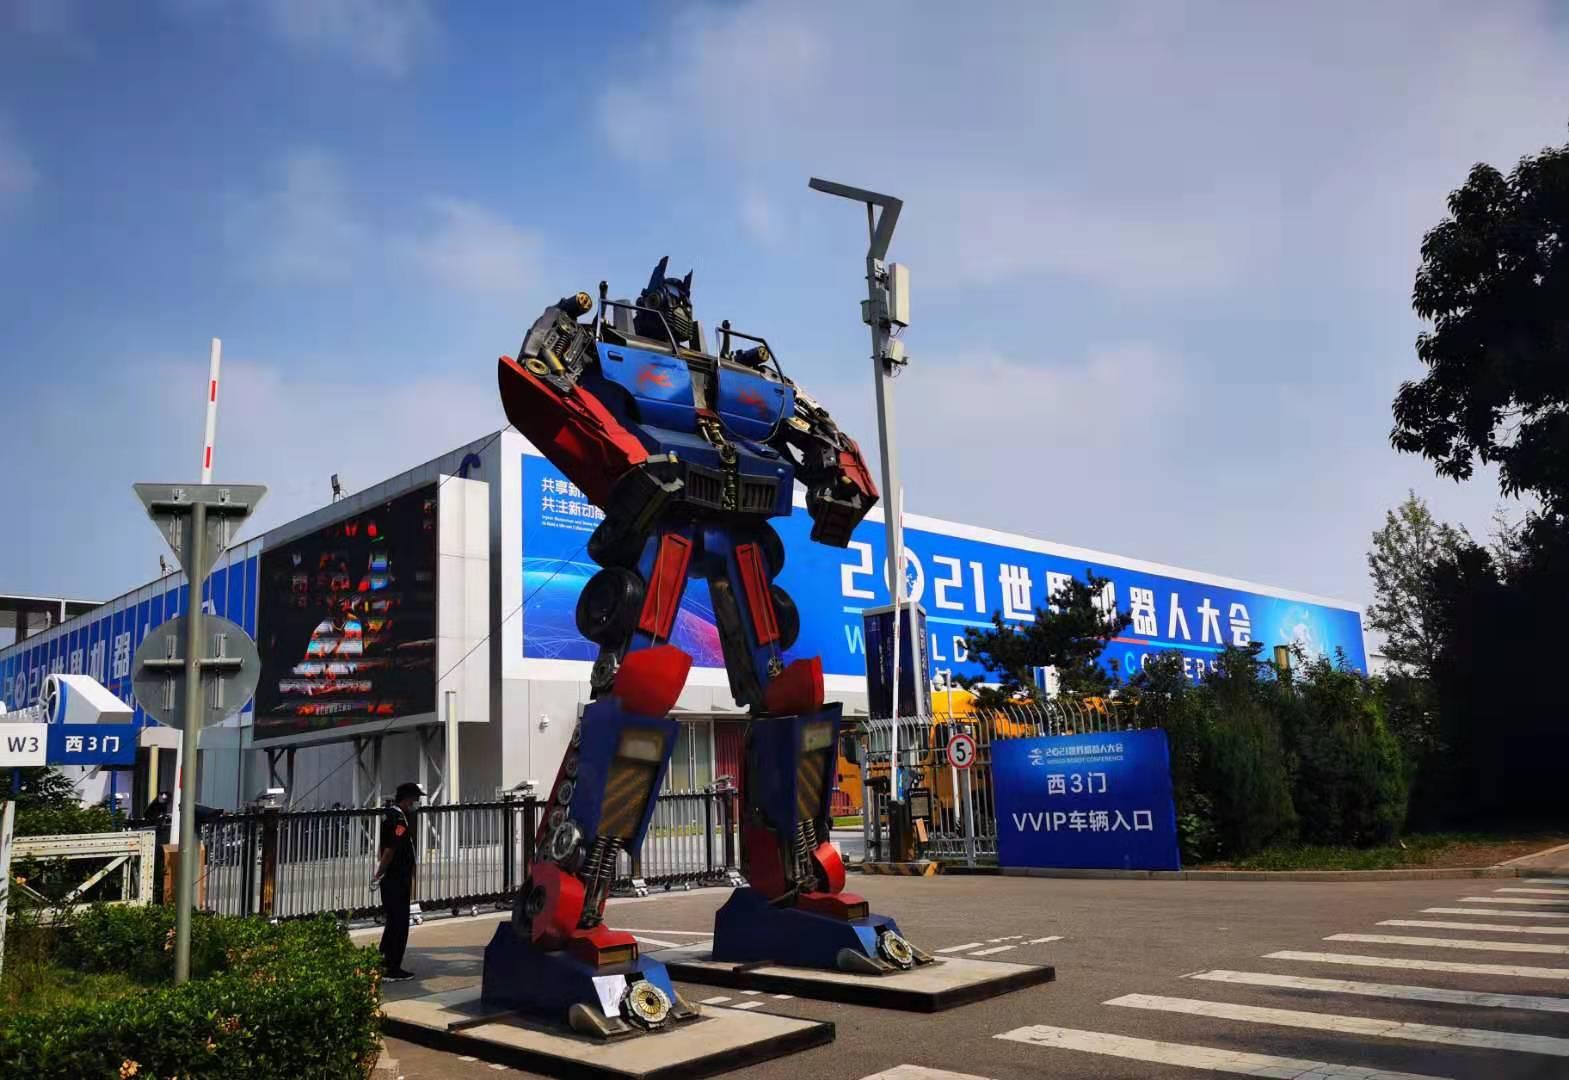 机器人正改变人类生产方式,激发潜在新动能